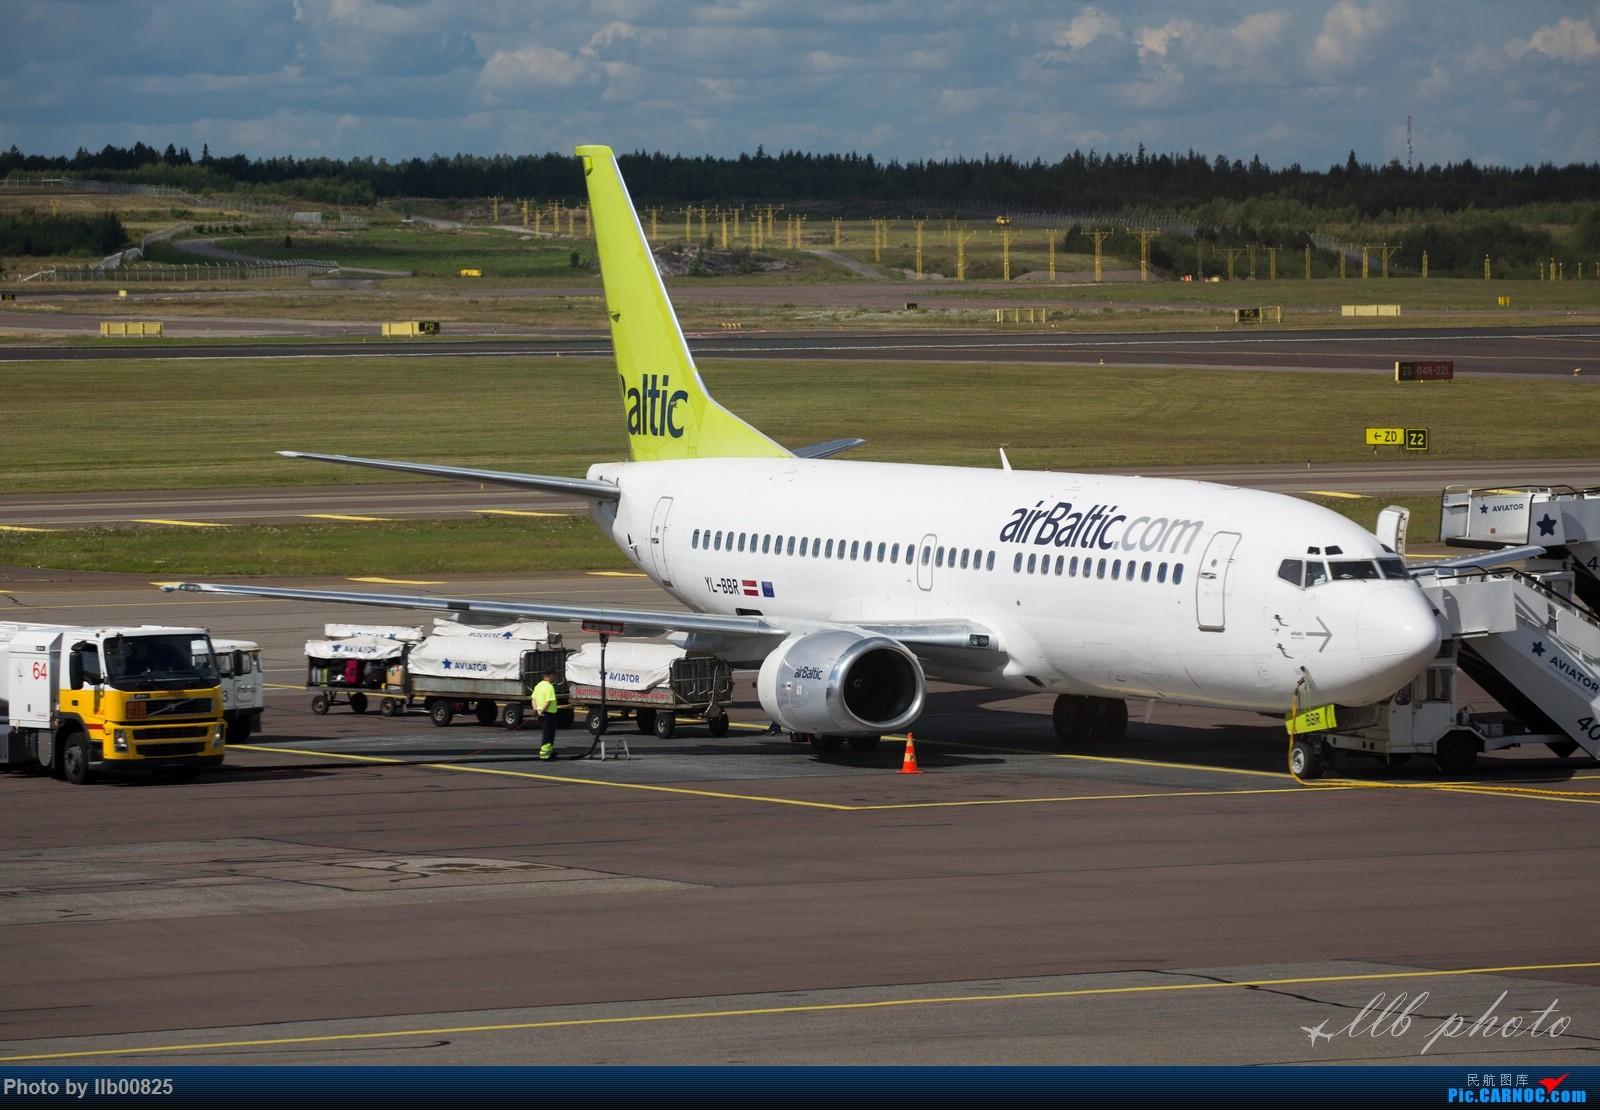 Re:[原创]赫尔辛基-布鲁塞尔一些杂图 BOEING 737-300 YL-BBR 芬兰赫尔辛基机场